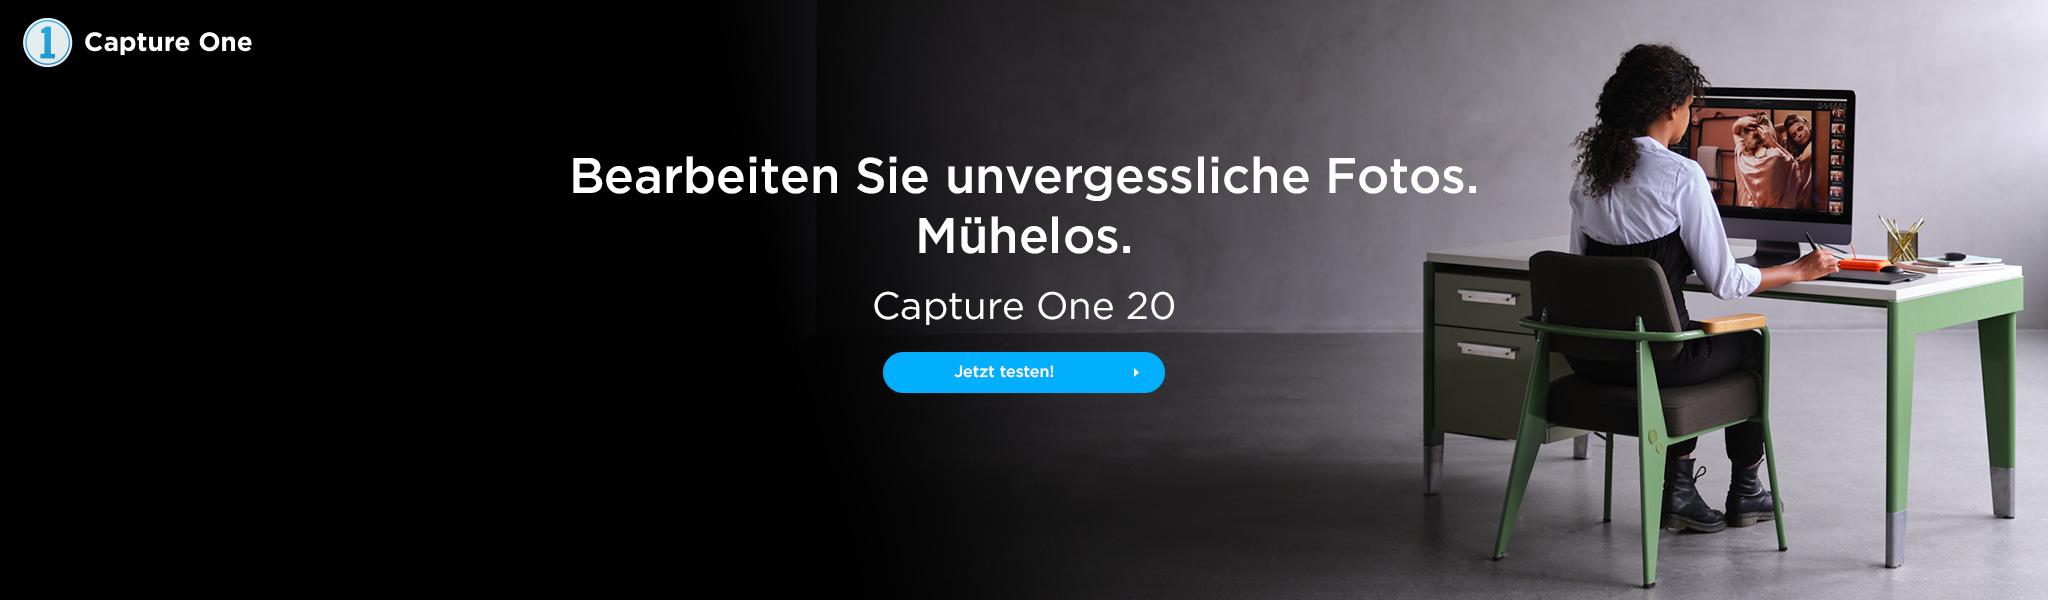 Capture One 20 Bildbearbeitung Software für die beste Fotografien